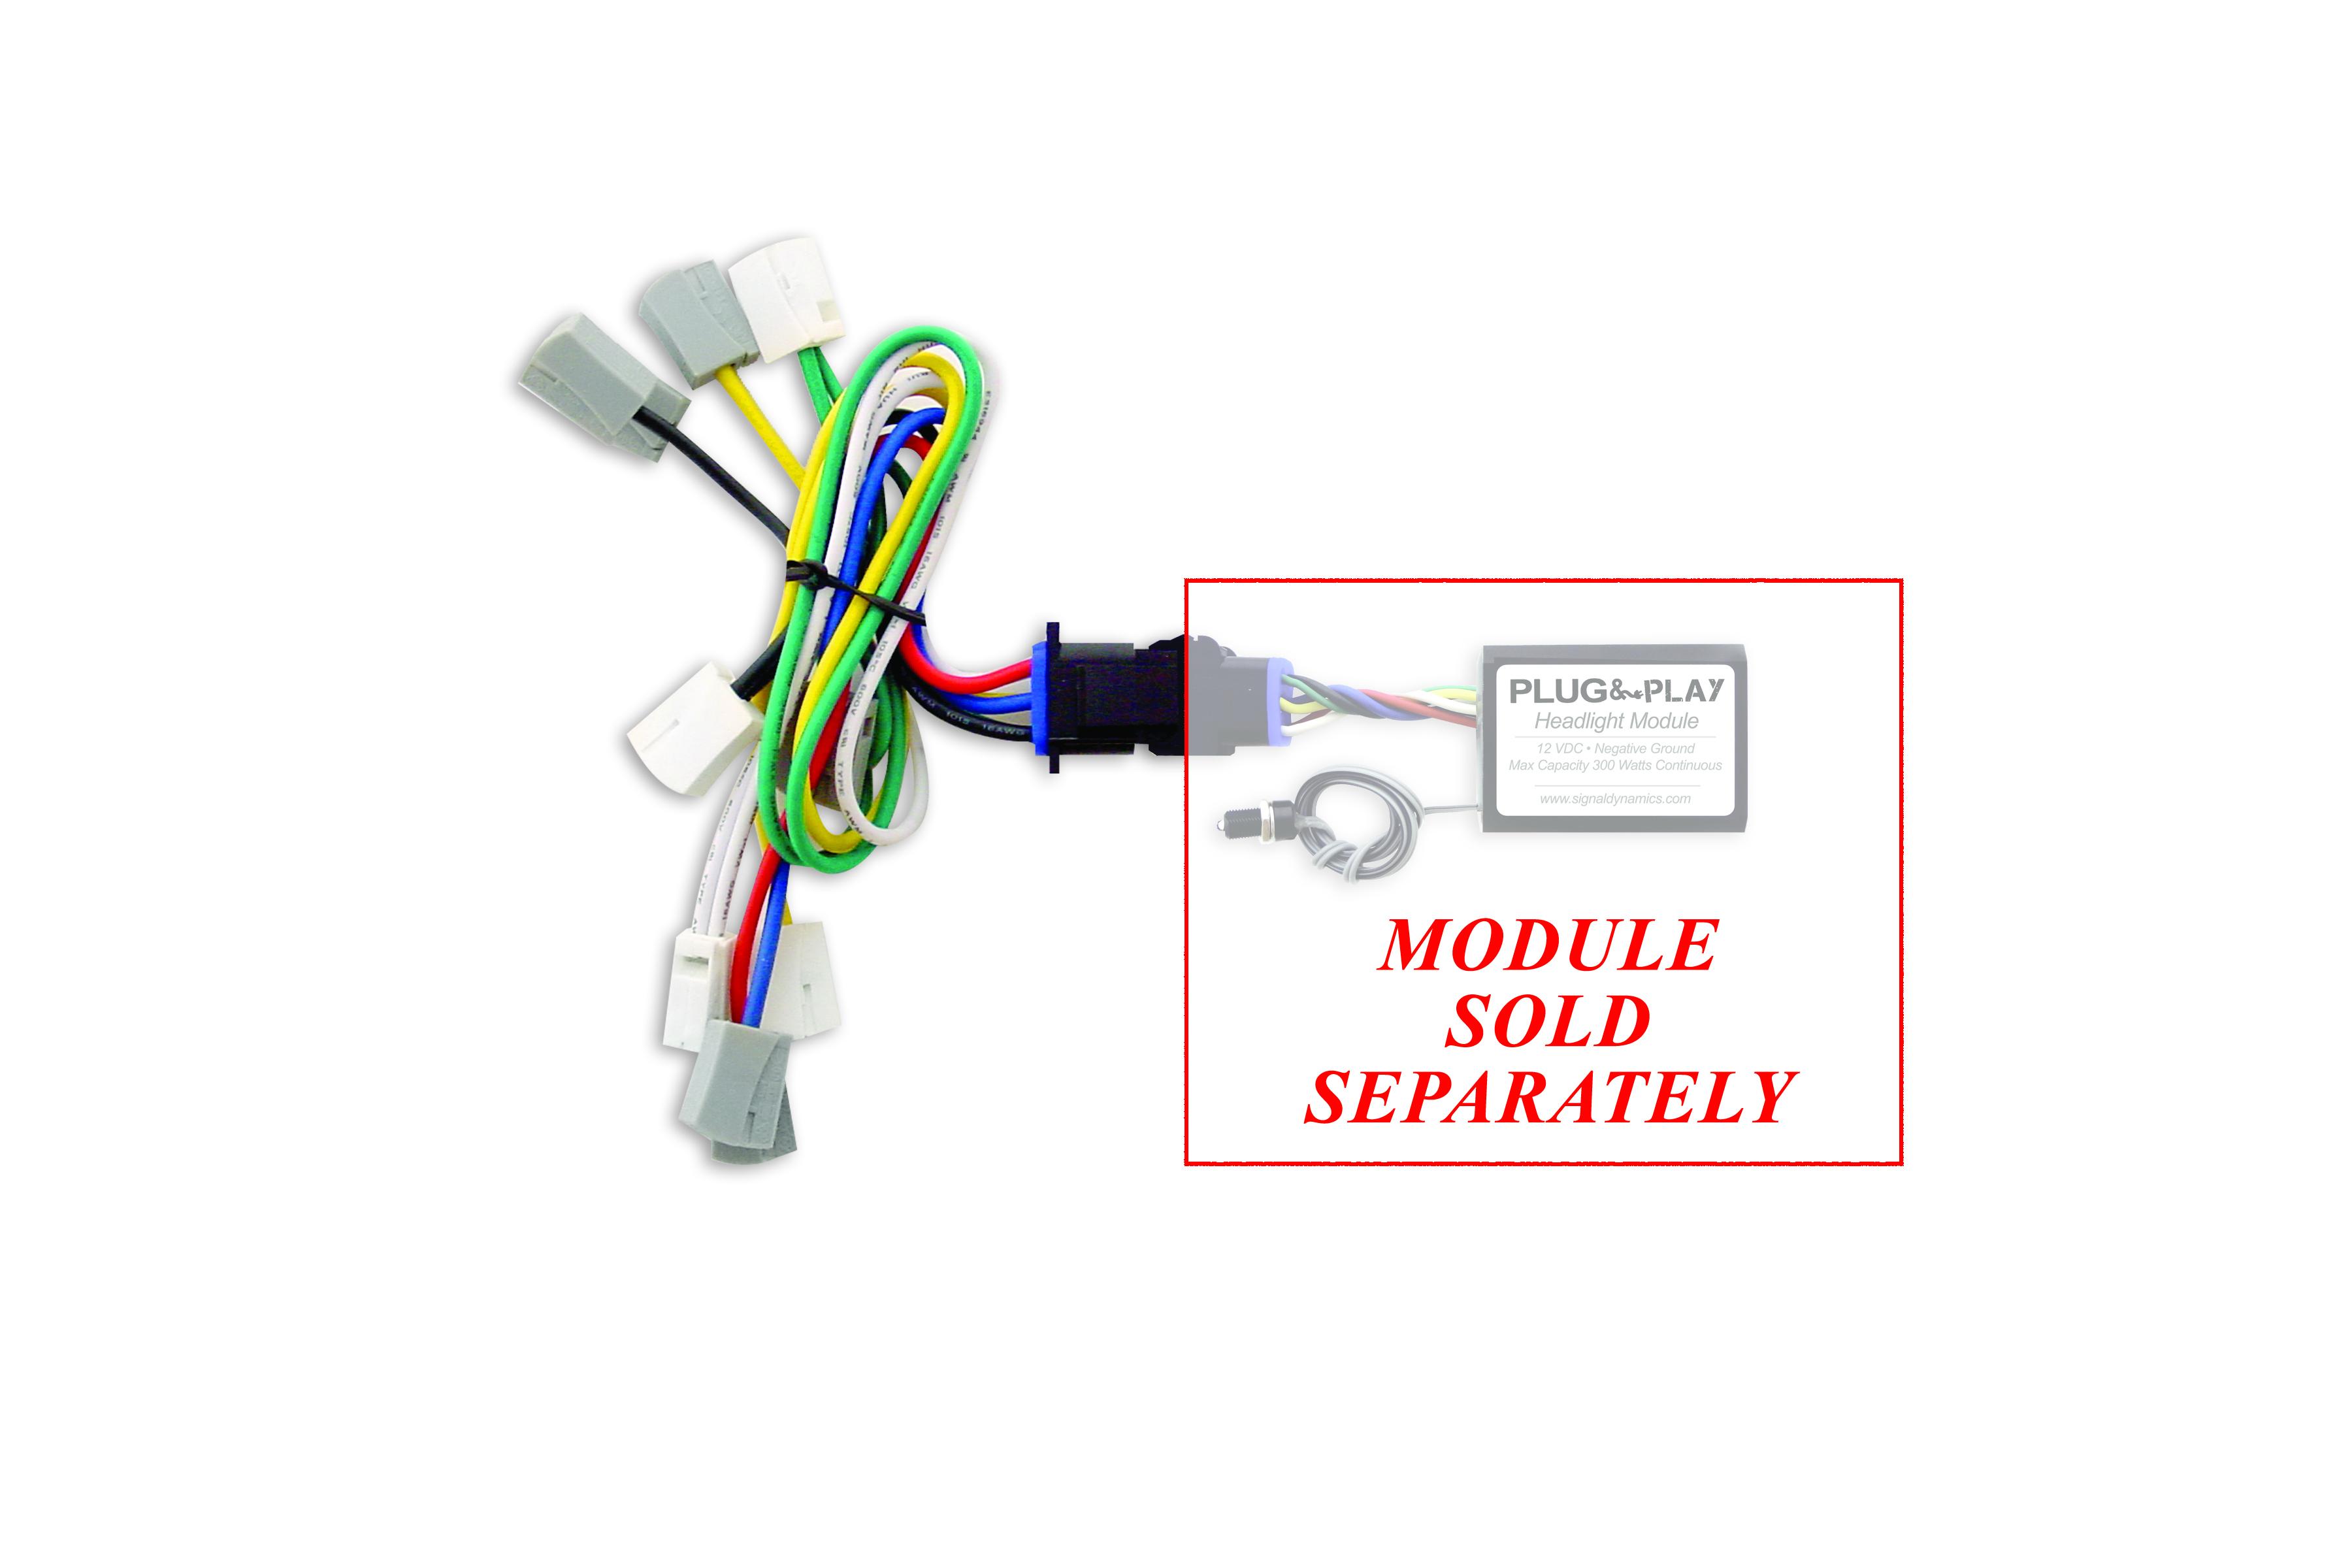 plug-and-play-1015-1084.jpg